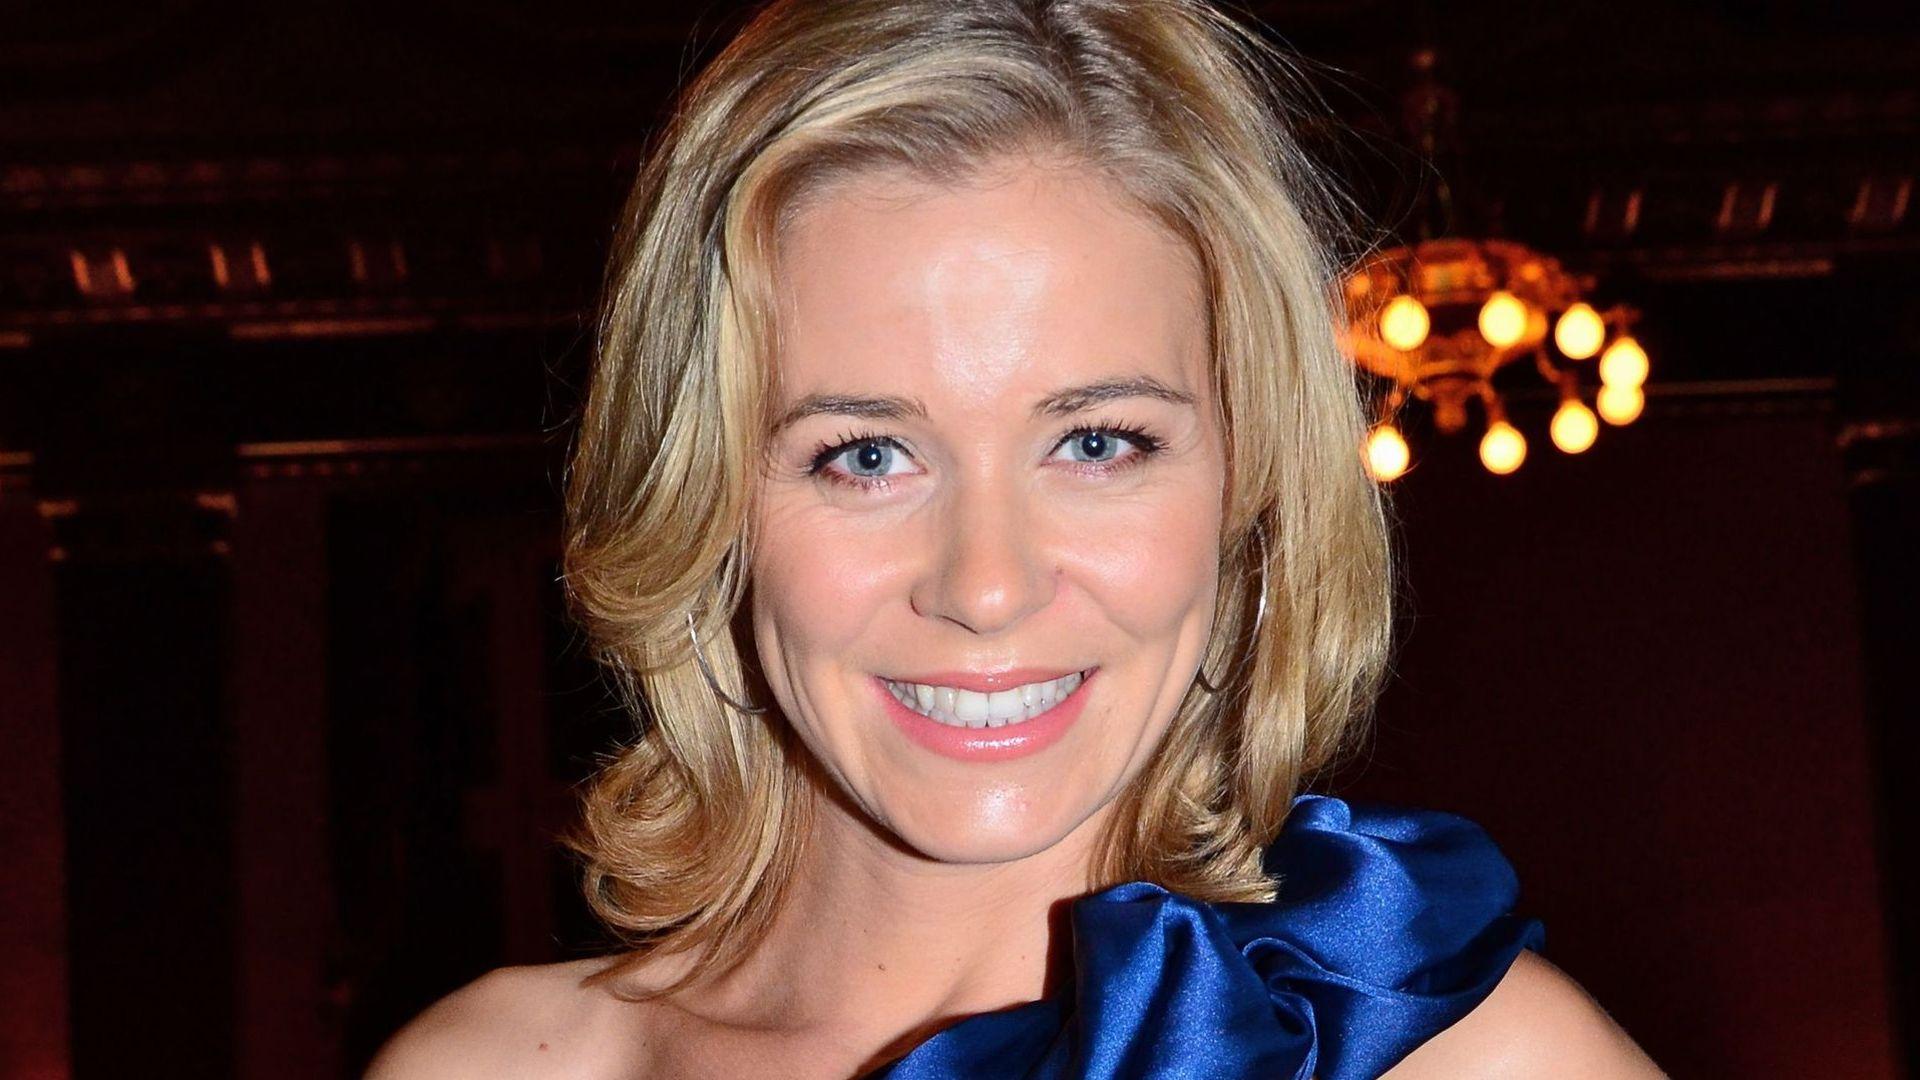 <b>Jessica Ginkel</b> in einem blauen Kleid - jessica-ginkel-in-einem-blauen-kleid